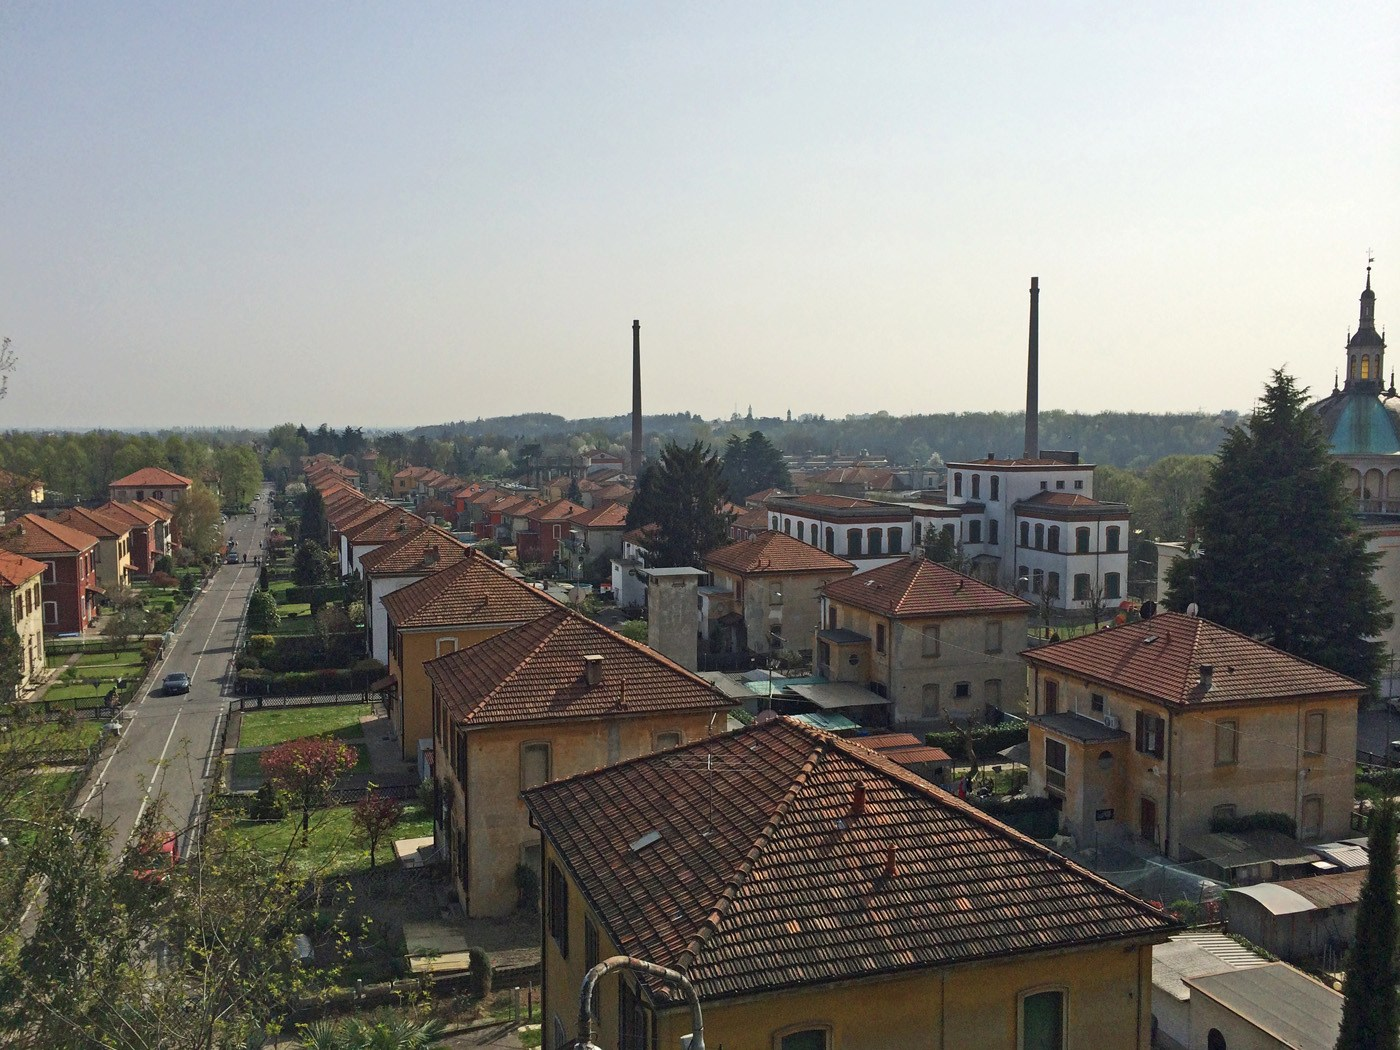 Vista di Crespi d'Adda, Lombardia